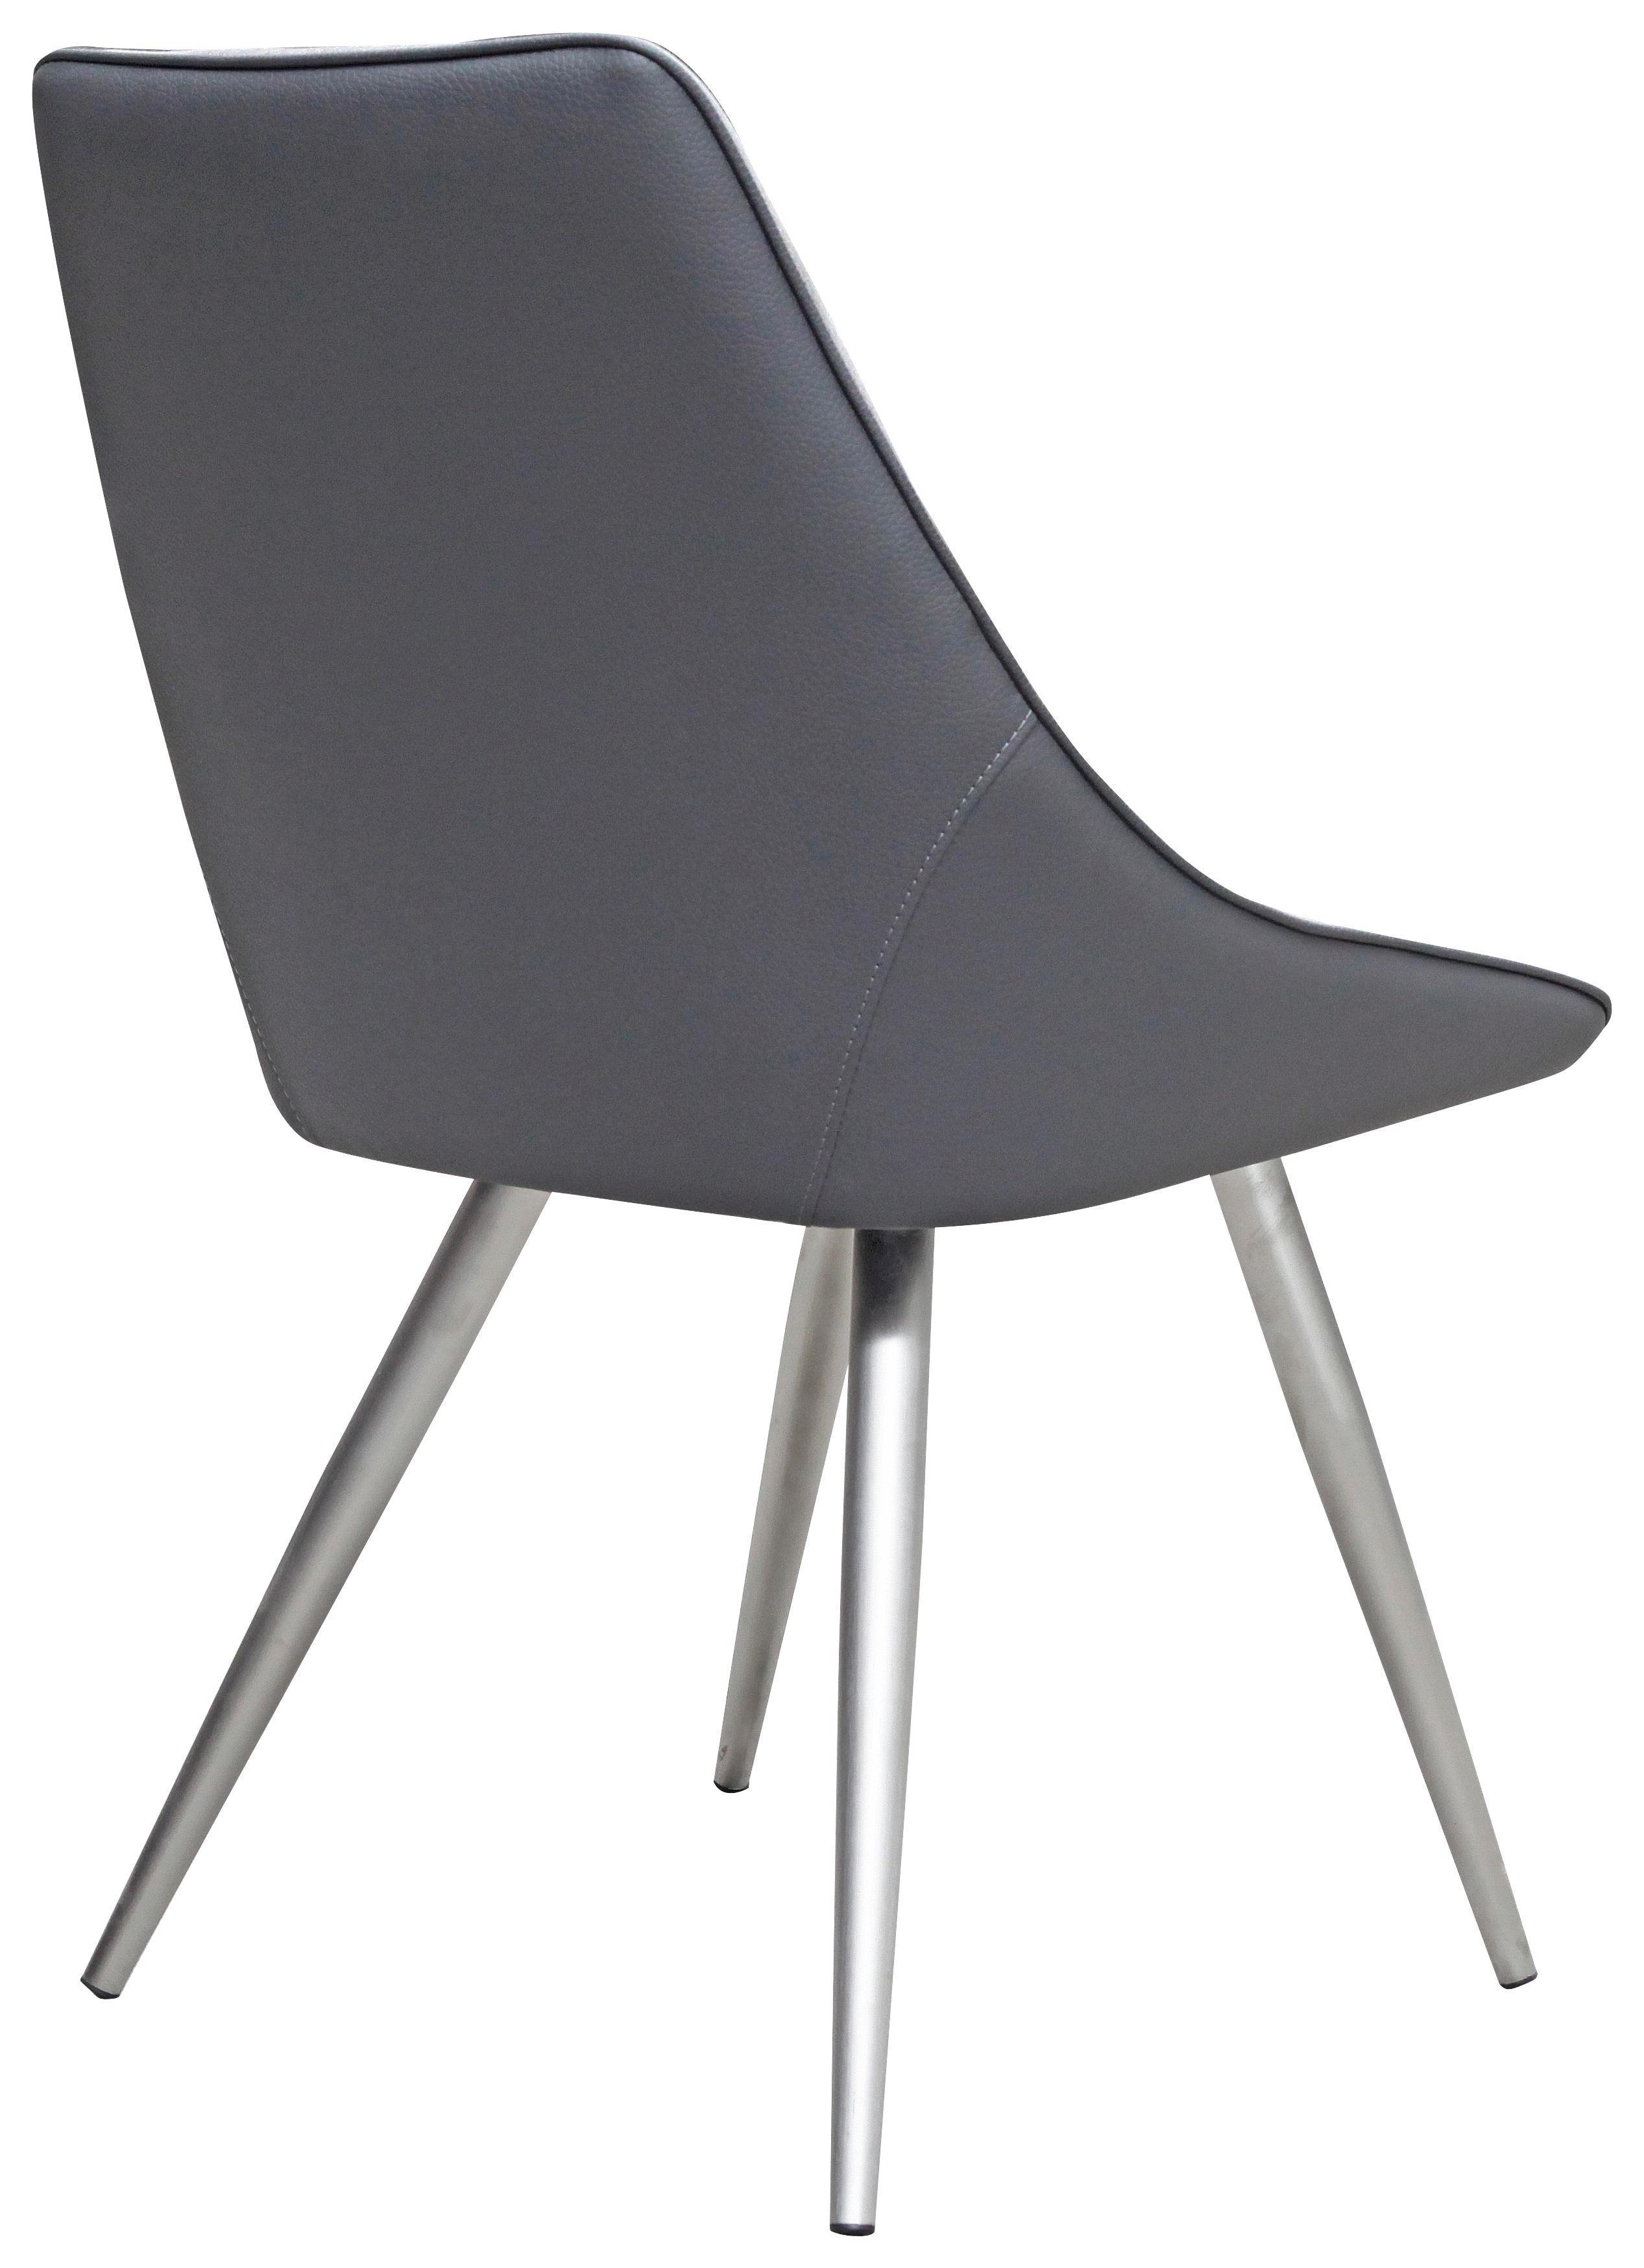 STUHL Lederlook, Webstoff Chromfarben, Grau, Hellgrau - Chromfarben/Hellgrau, Design, Textil/Metall (53/86,5/64cm) - HOM`IN